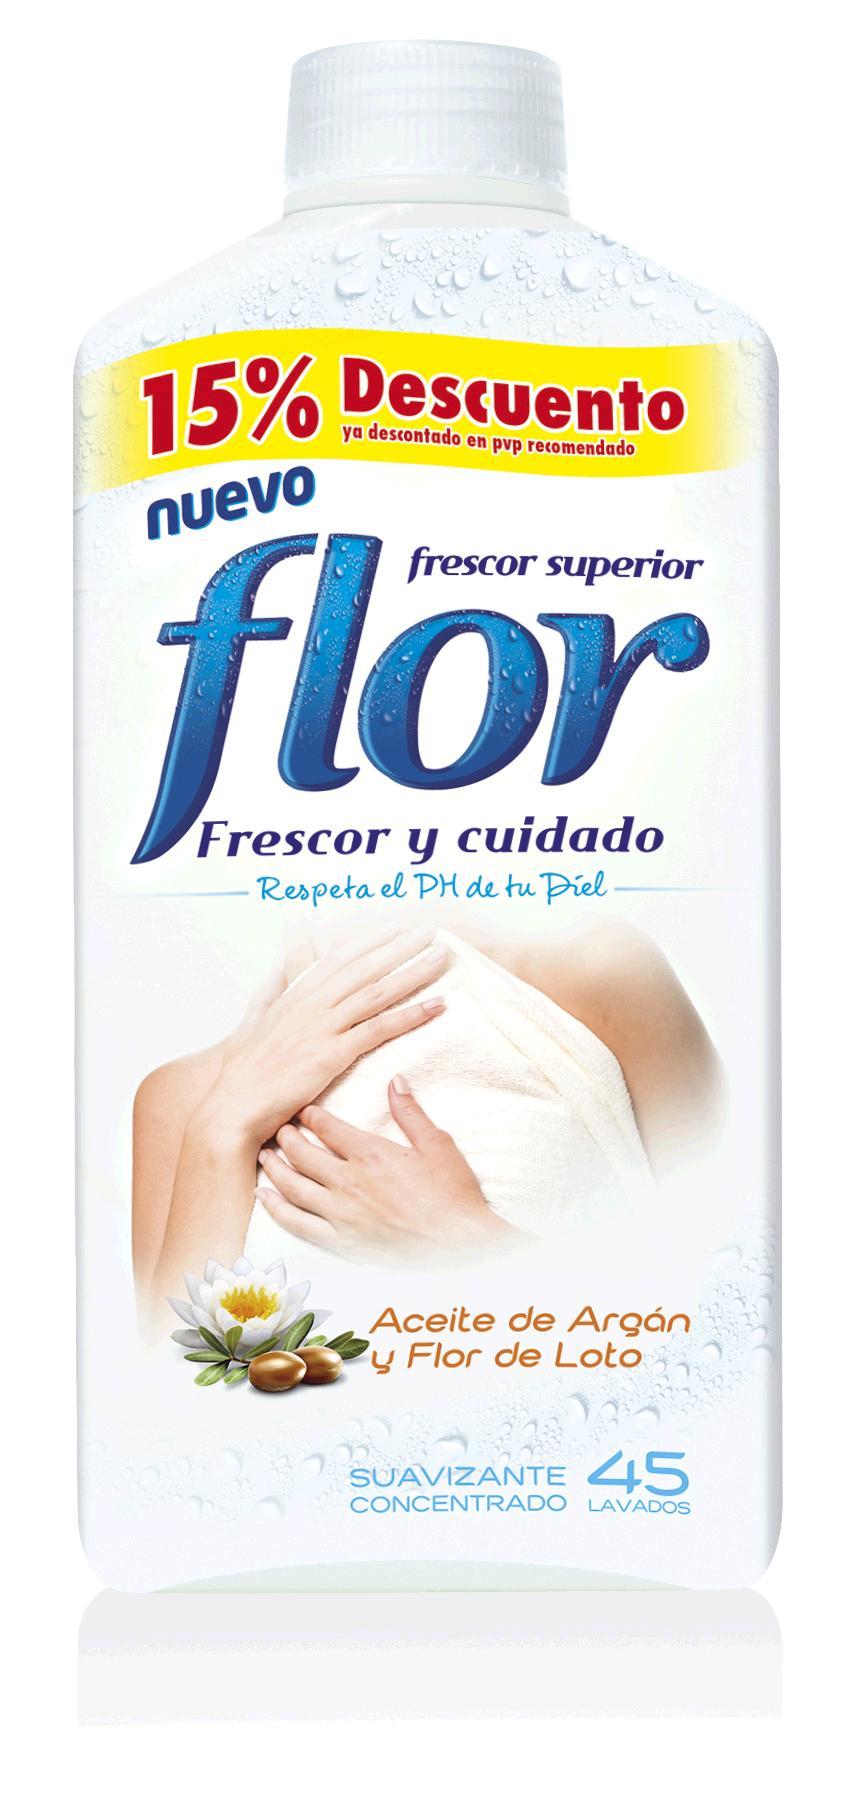 SUAVIZANTE FLOR ACEITE DE ARGAN Y  FLOR DE LOTO 1035ml